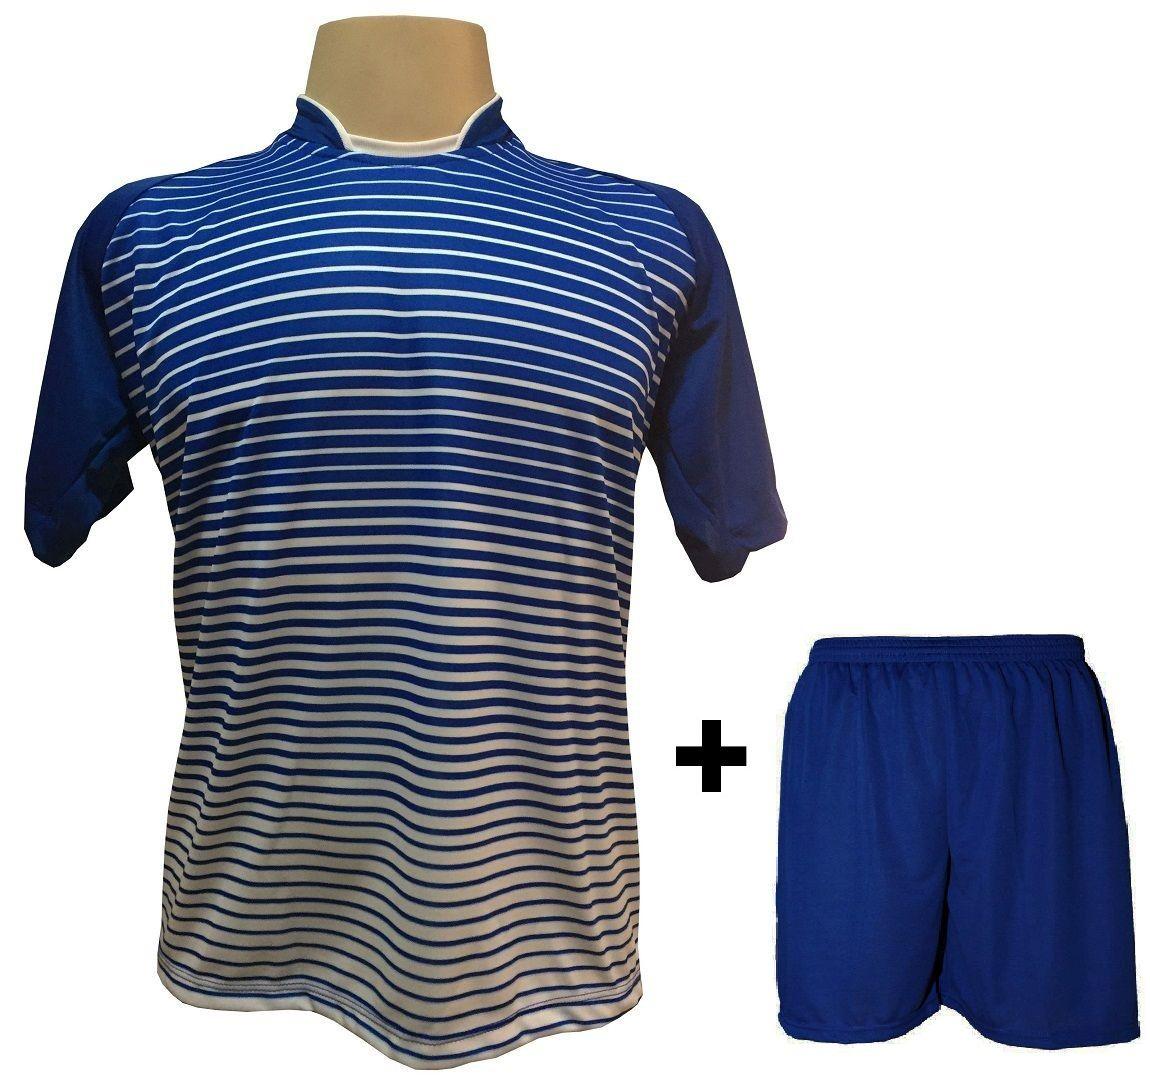 Uniforme Esportivo com 12 Camisas modelo City Royal/Branco + 12 Calções modelo Madrid Royal